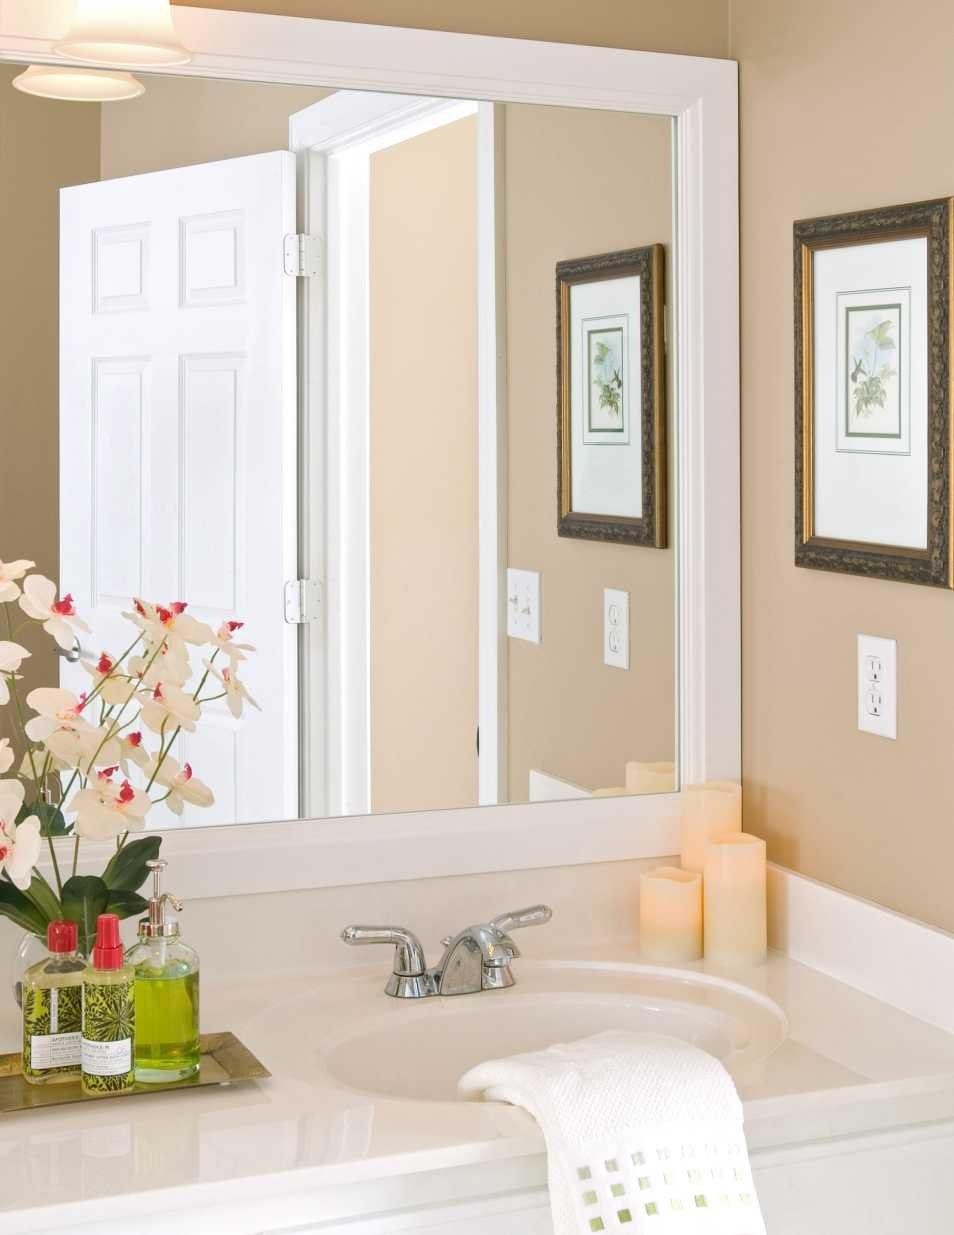 White Framed Bathroom Mirrors  Best Decor Things